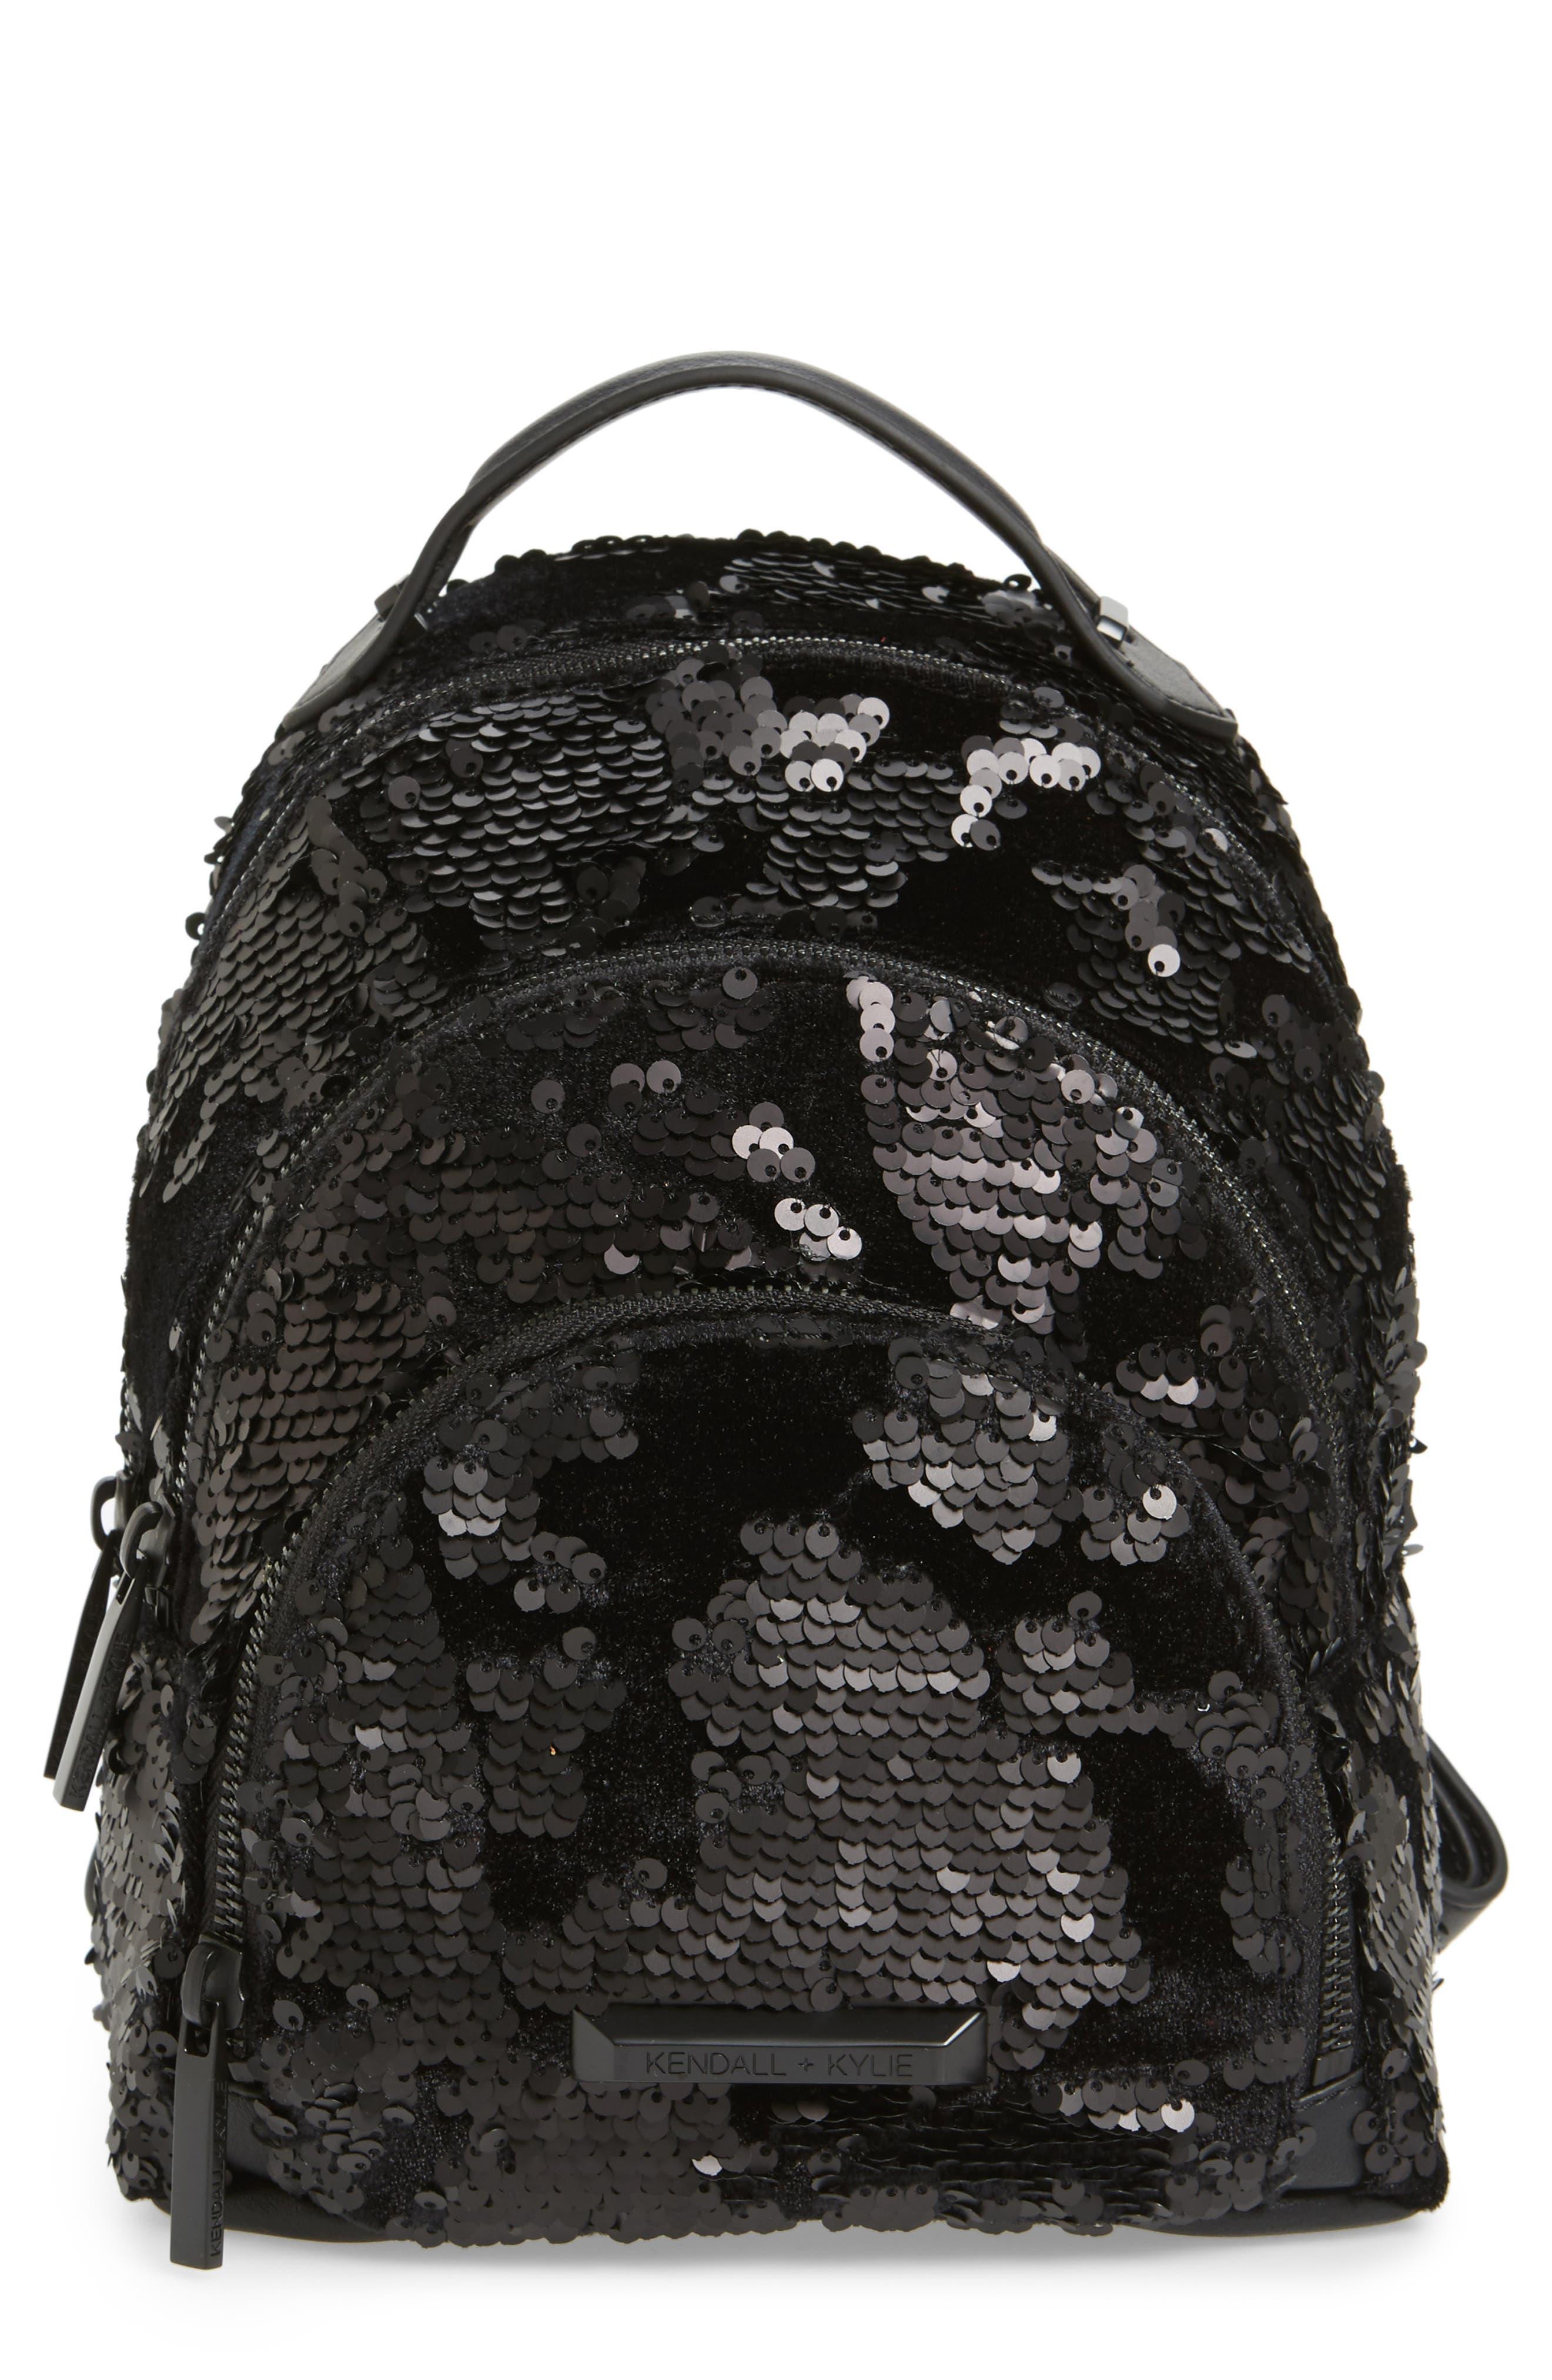 Main Image - KENDALL + KYLIE Mini Sloane Velvet & Sequin Backpack